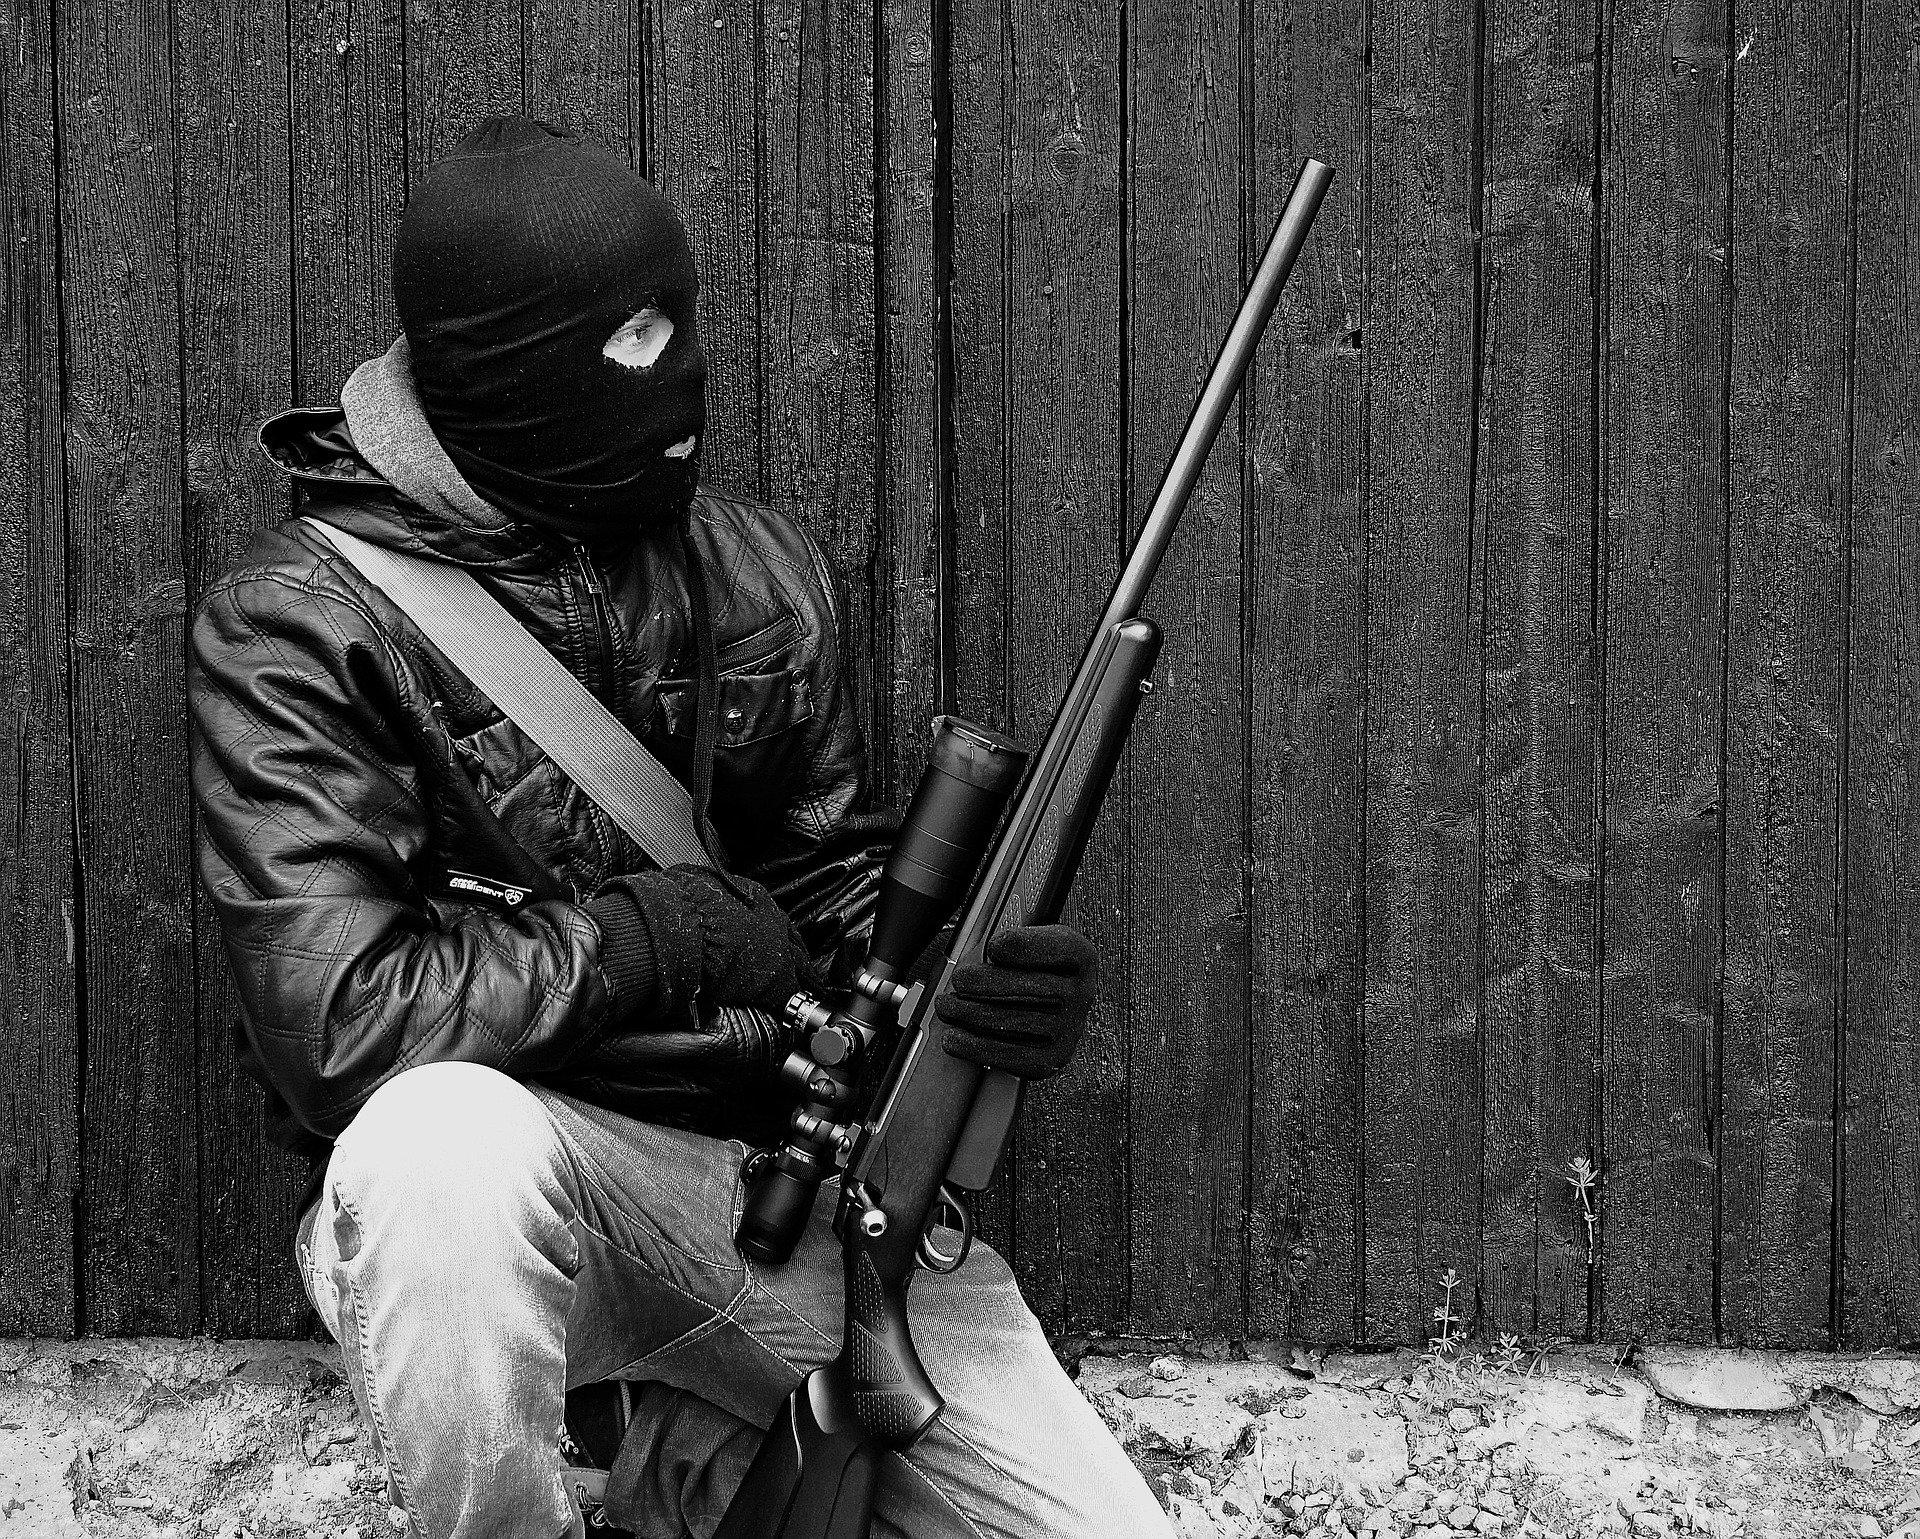 Терроризм и угрозы безопасности государства, общества и личности